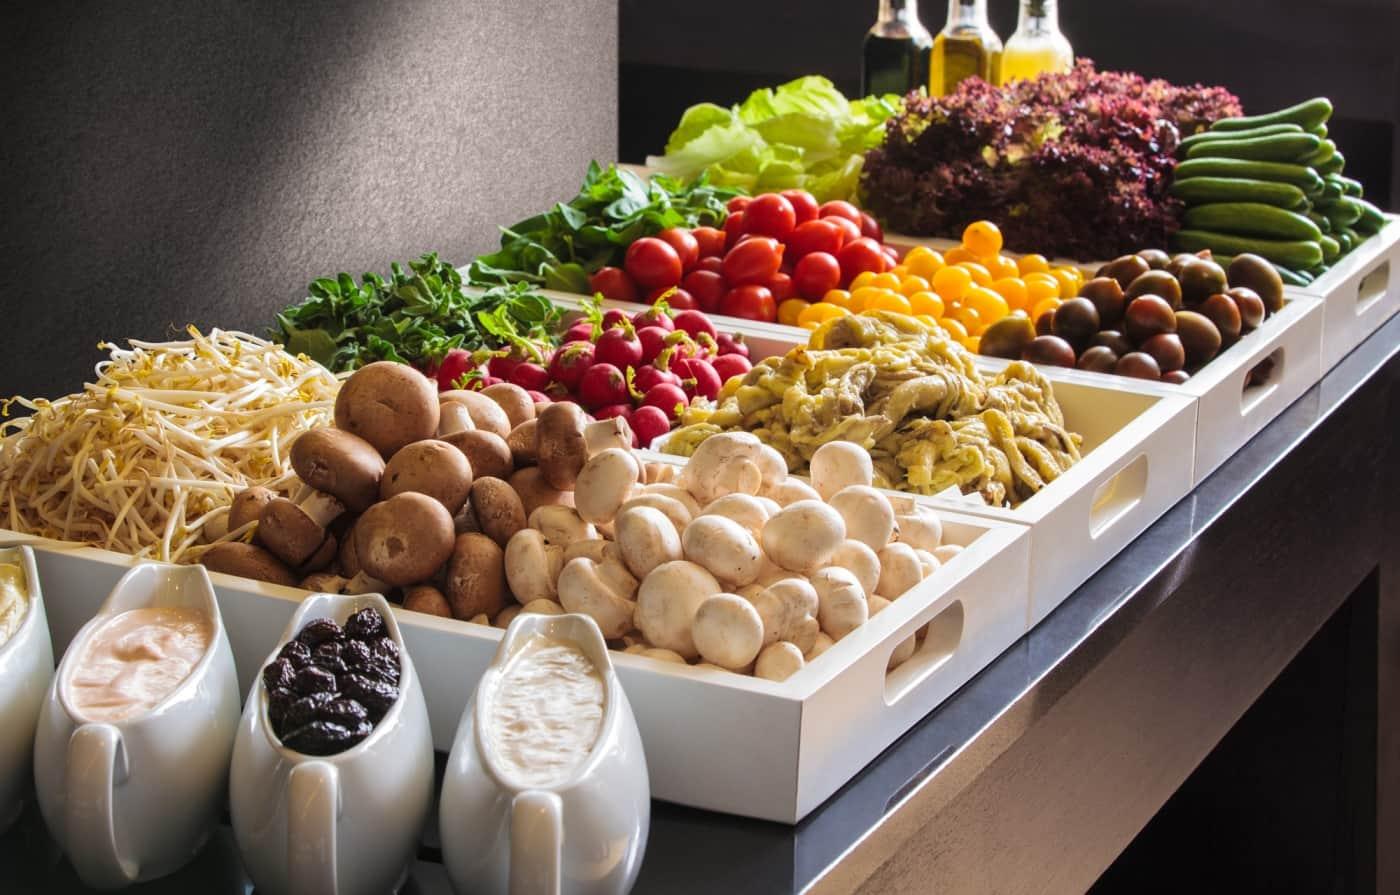 מלון דן תל אביב ארוחת בוקר צילום יורם אשהיים (2)